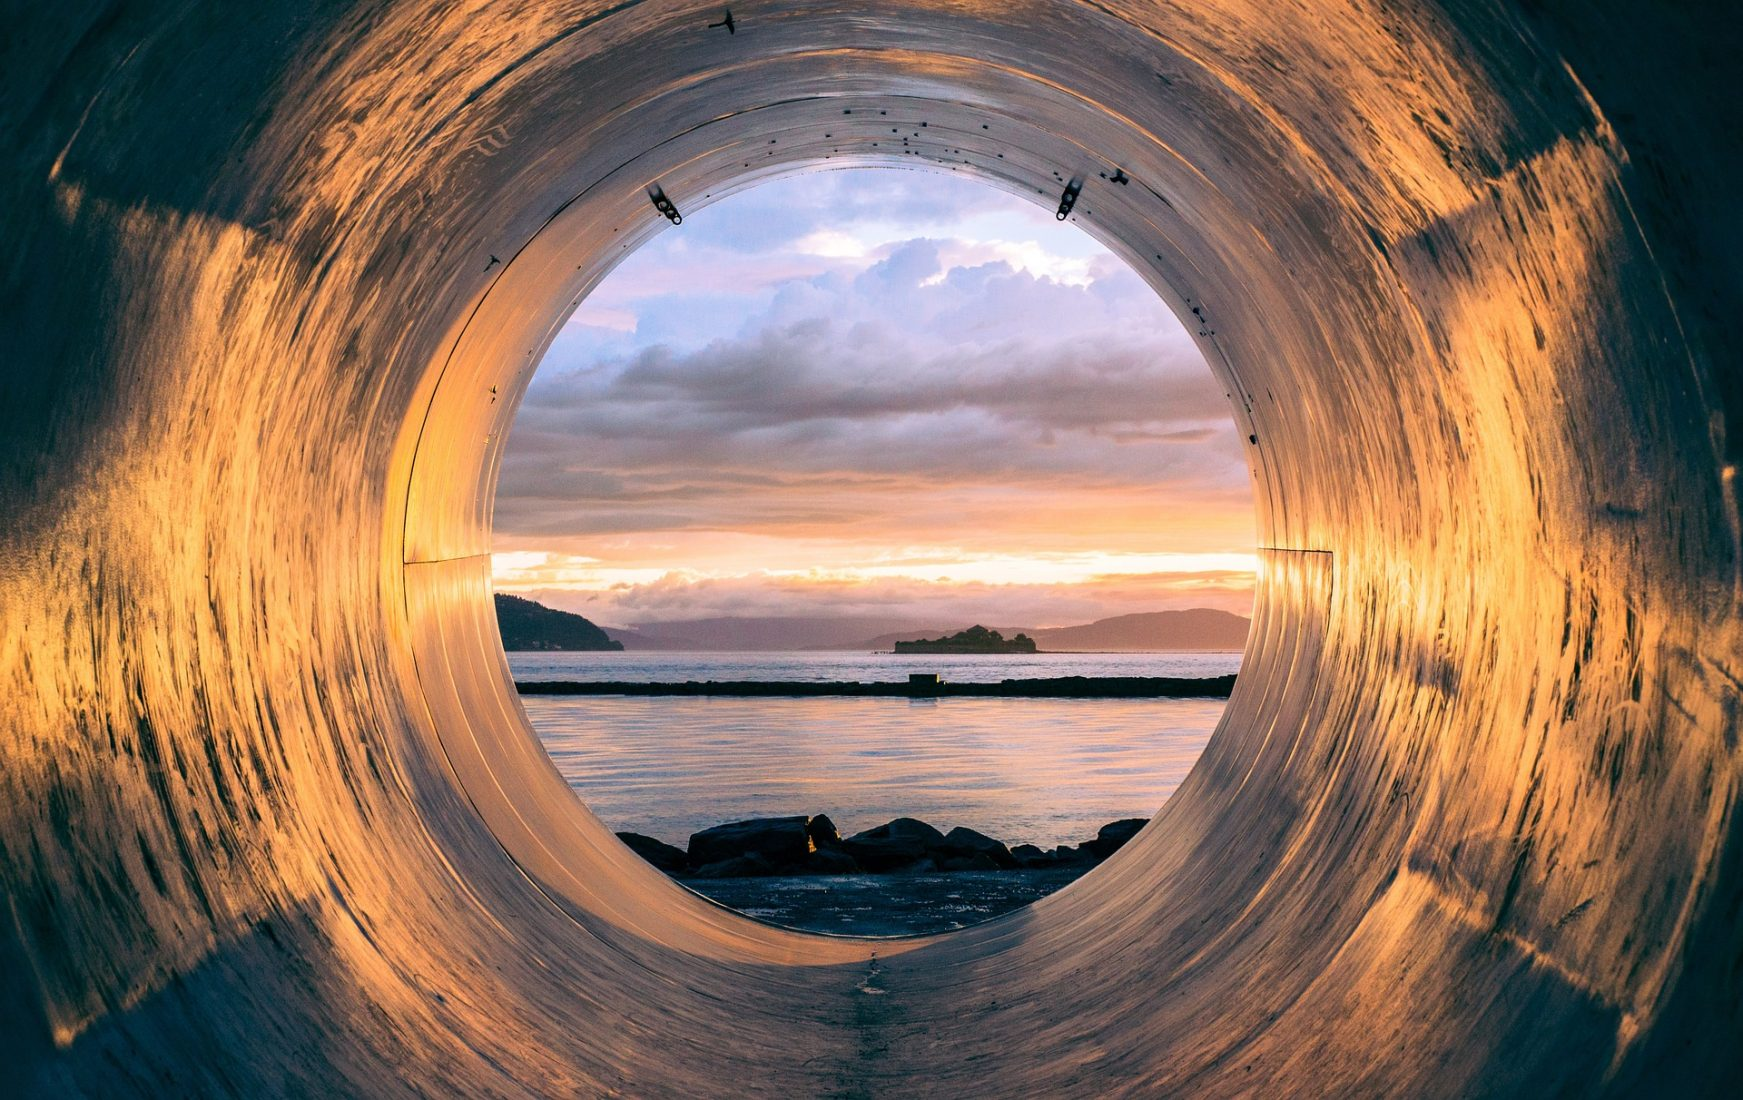 Interessant als Wärmequelle: Ein neuer Horizont für die Nutzung von Abwasser? Foto: Pixabay